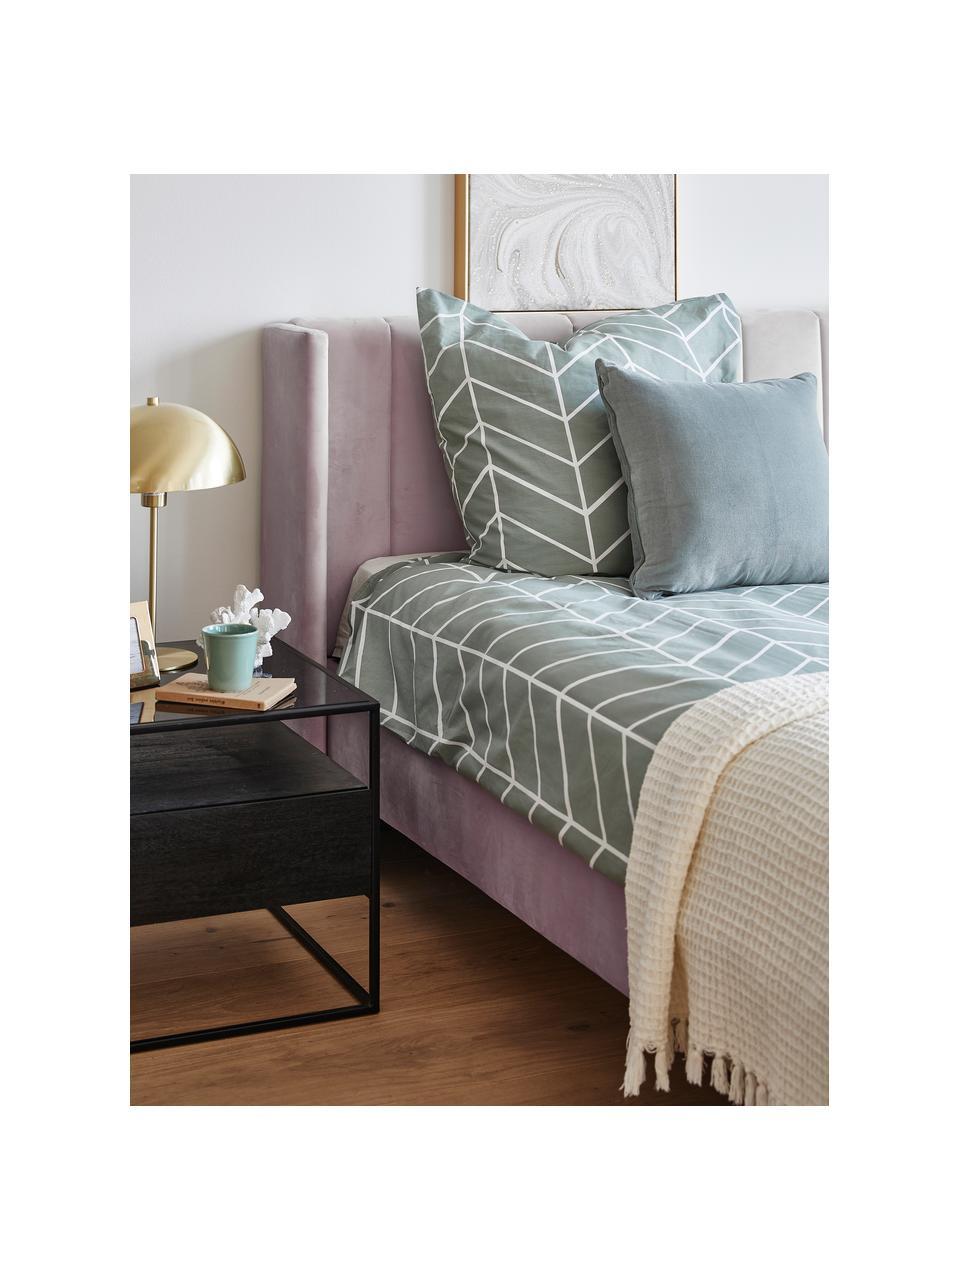 Gestoffeerd fluwelen bed Dusk in mauve, Bekleding: polyester fluweel, Frame: massief grenenhout en pla, Poten: gepoedercoat metaal, Fluweel mauve, 180 x 200 cm